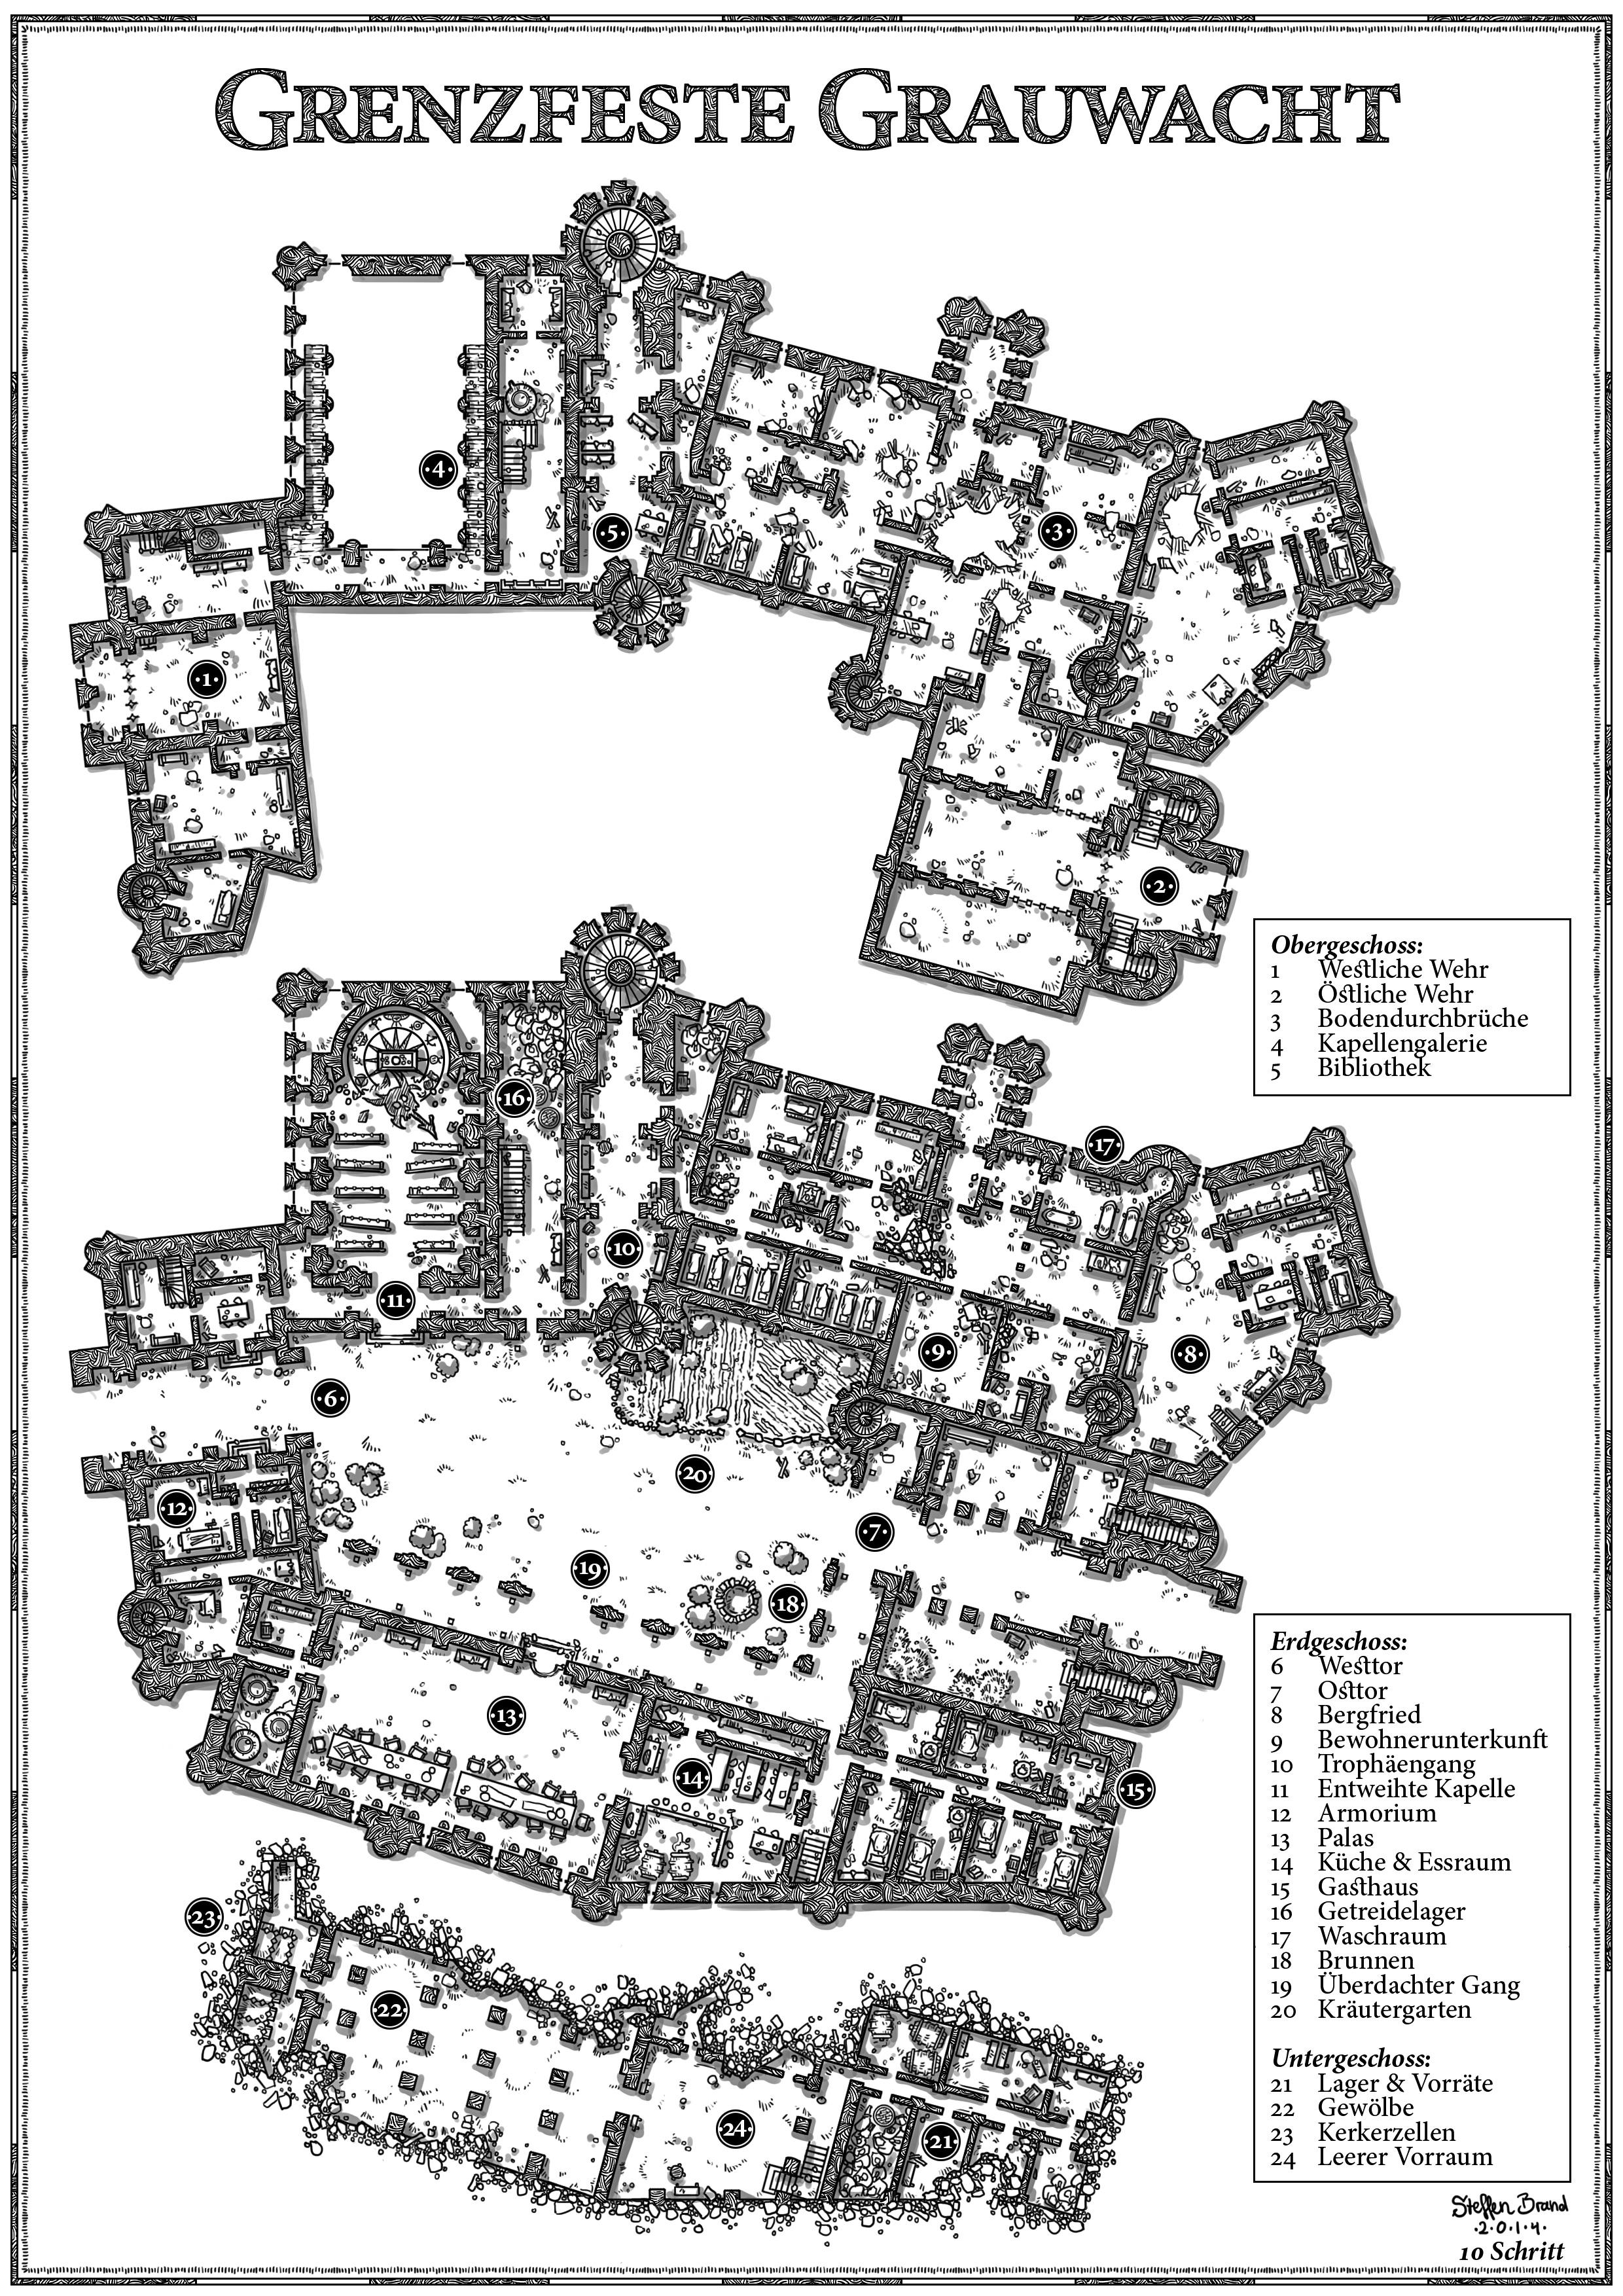 Grenzfeste grauwacht by steffenbrand on deviantart for Final fortress blueprints